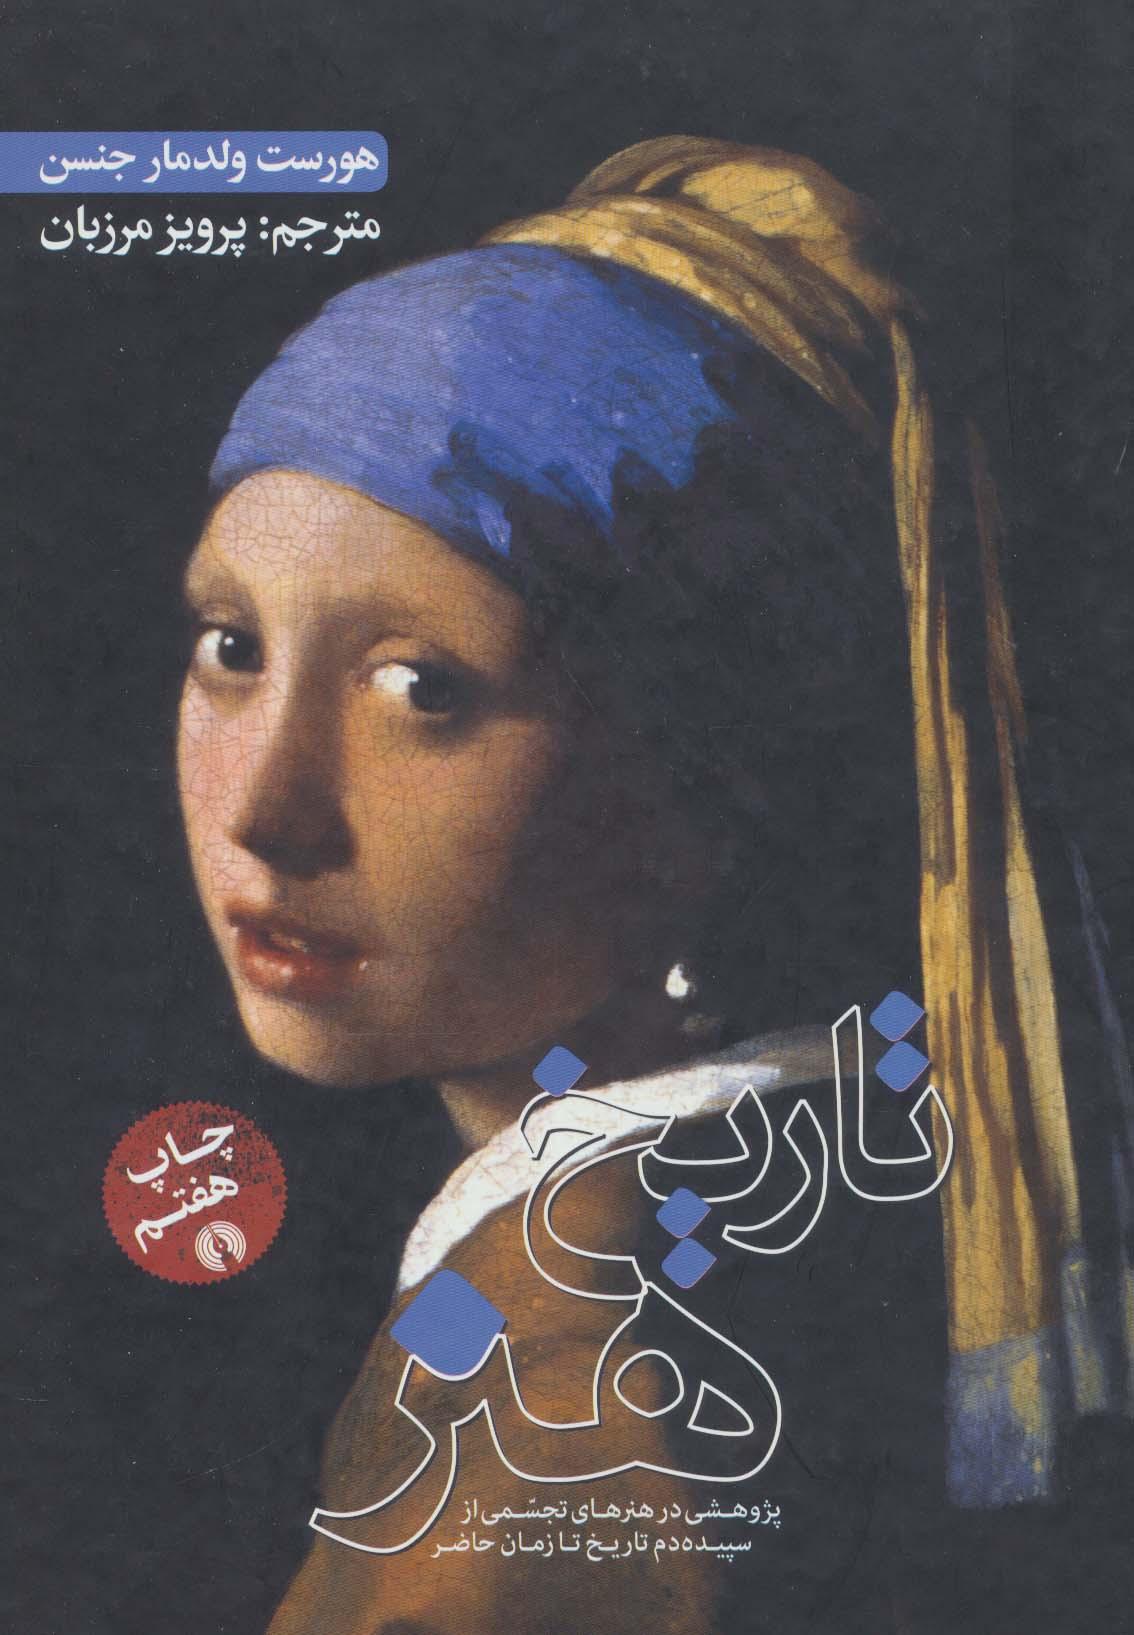 تاریخ هنر (پژوهشی در هنرهای تجسمی از سپیده دم تا زمان حاضر)،(گلاسه)